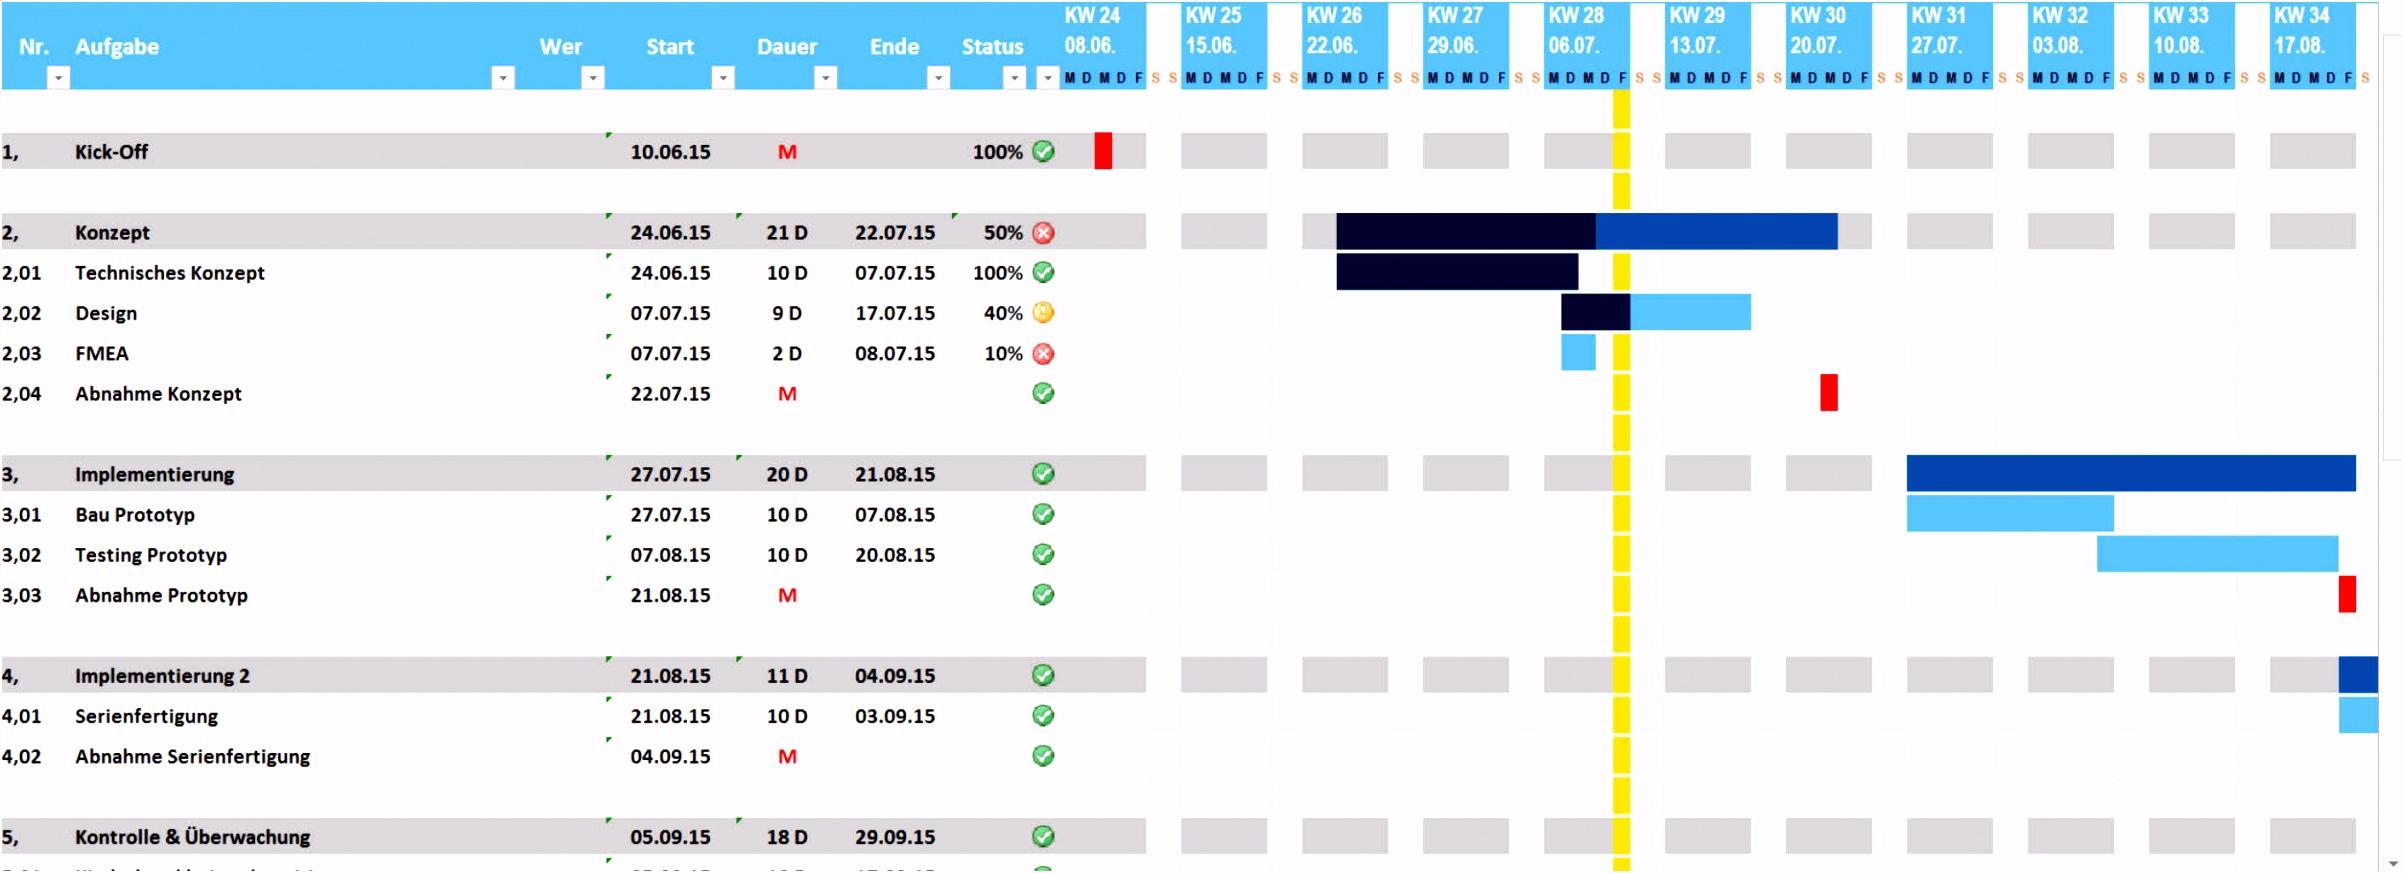 Vorlage Projektplan Excel Projektplan Excel Projektablaufplan Vorlage Muster Durchgehend E1if25lgw7 E2tc5usyuh